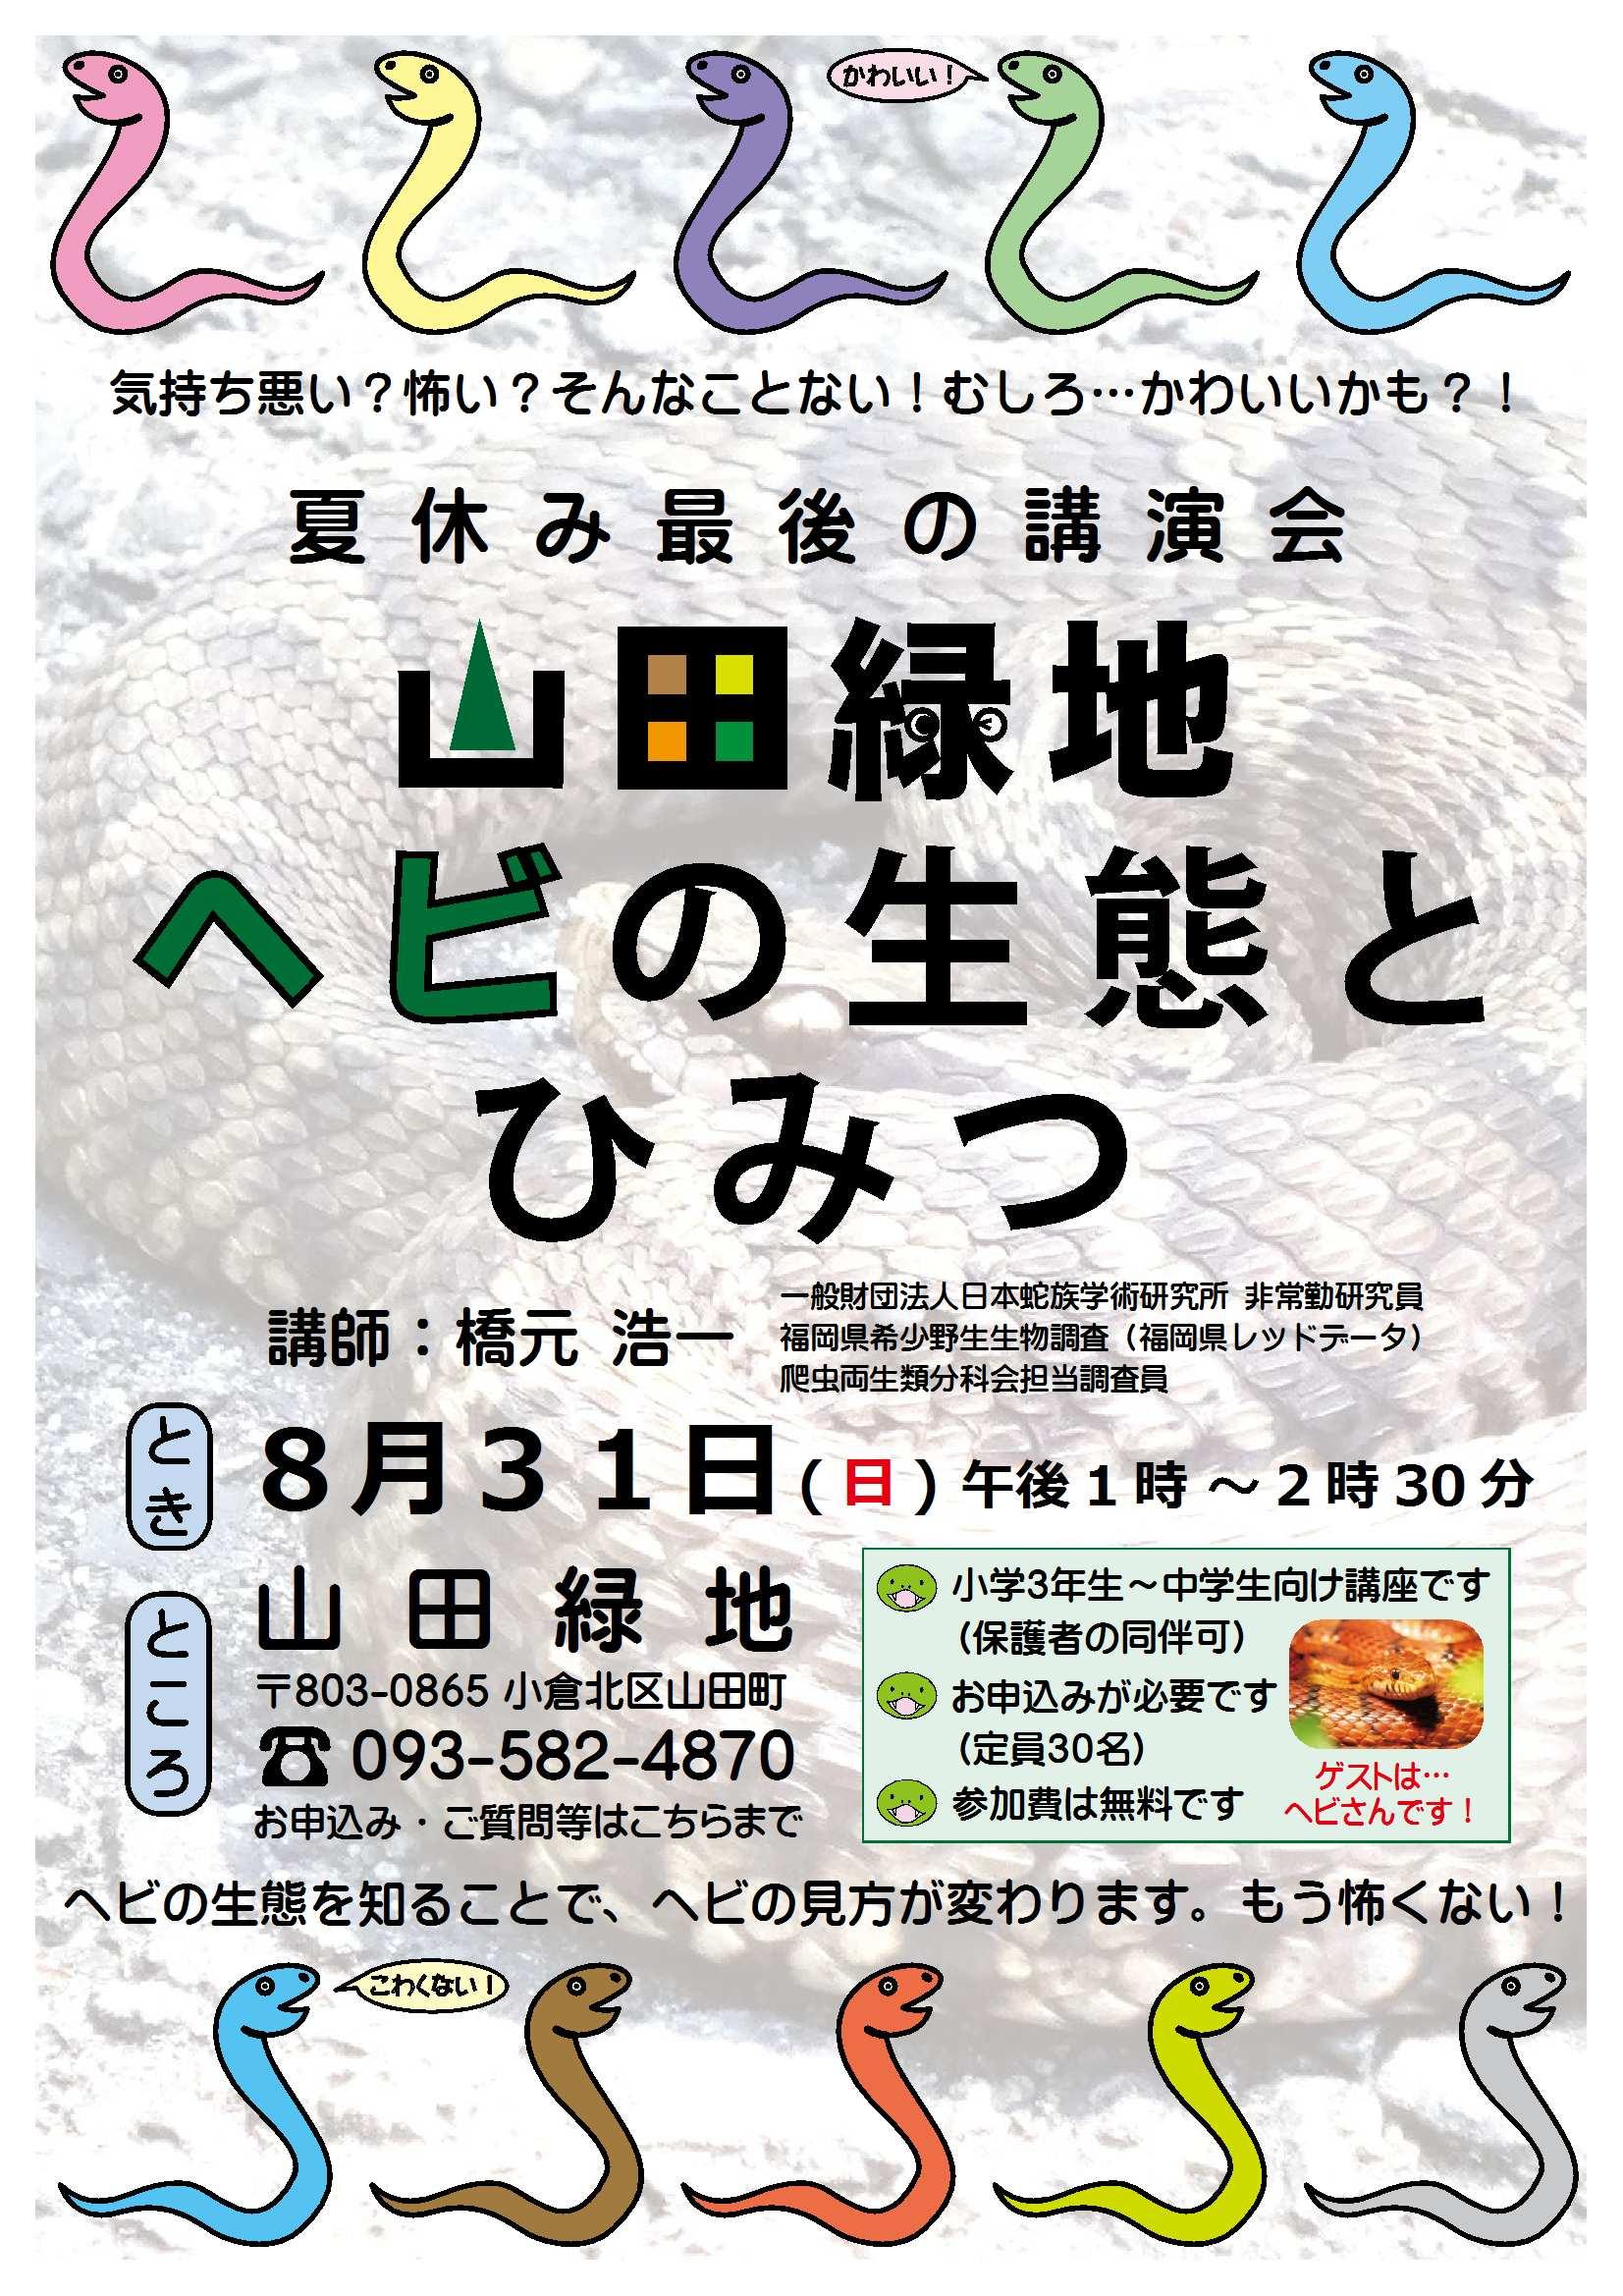 ヘビの生態とひみつチラシ 140604 - 8月31日(土)山田緑地 ヘビの生態とひみつ<終了しました>